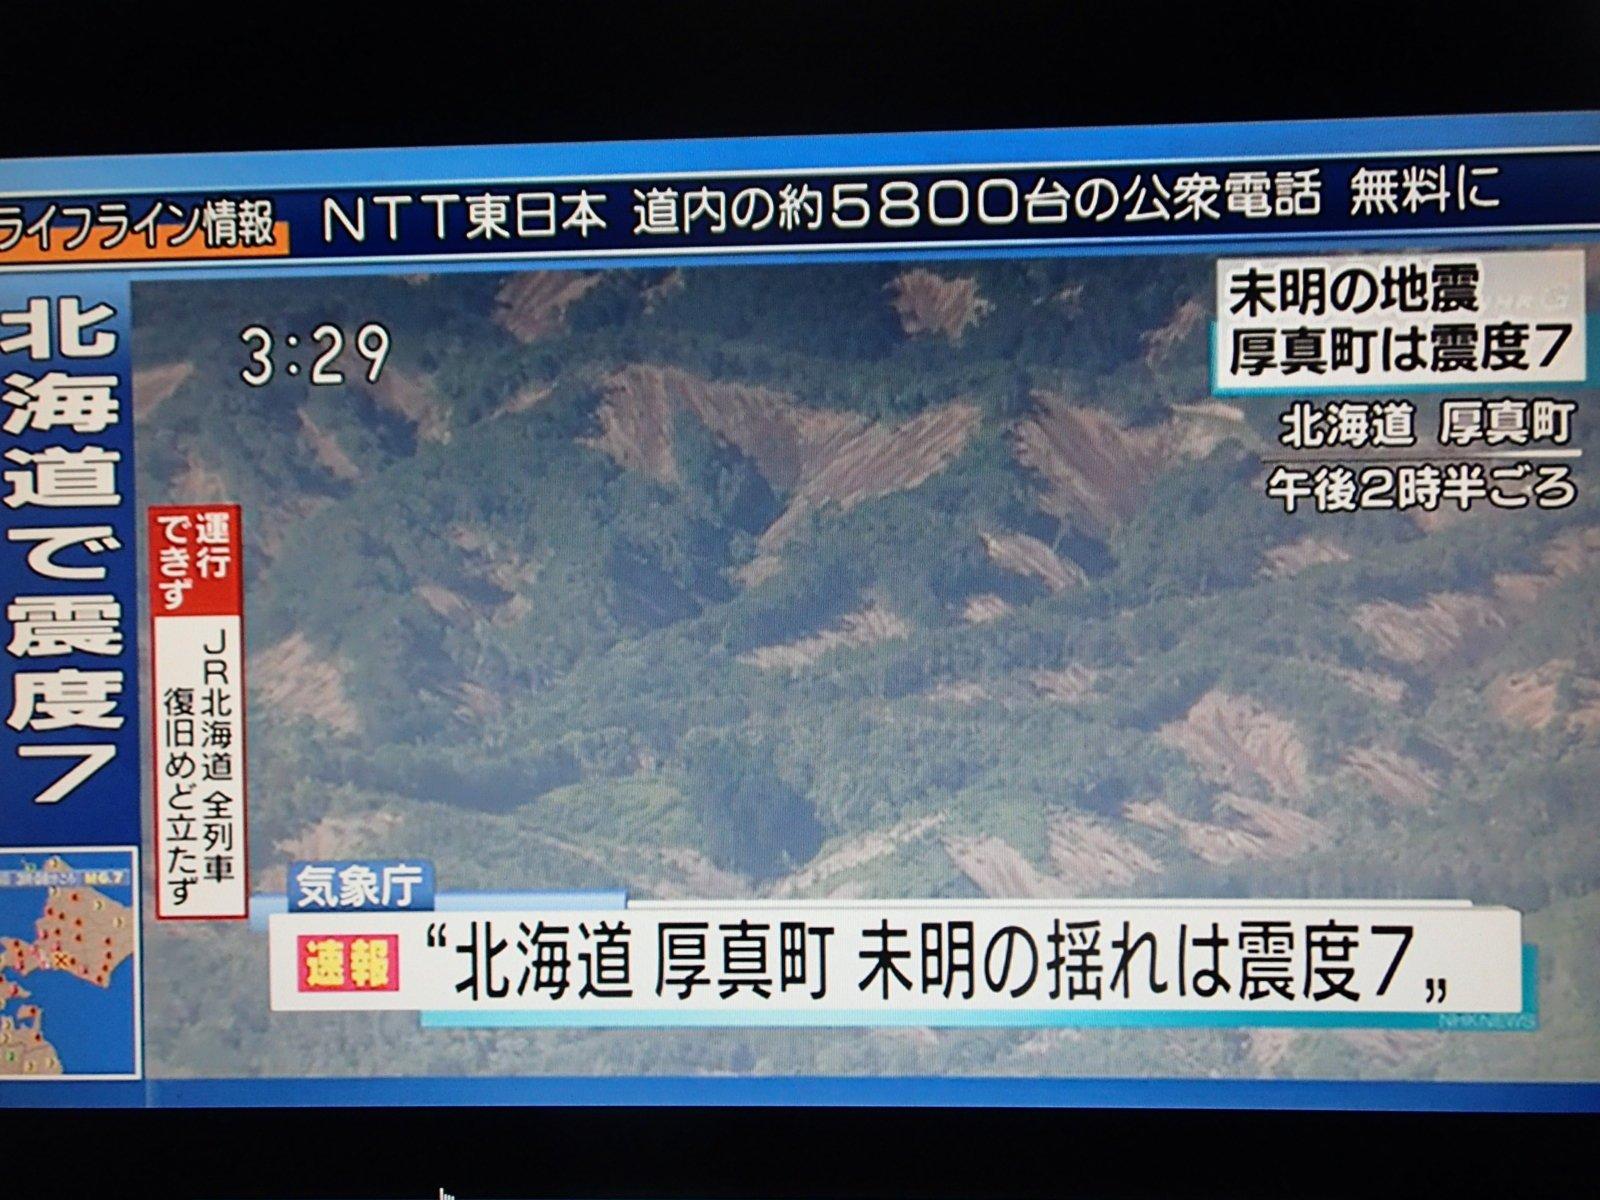 北海道大地震、厚真町震度7に訂正。 https//t.co/A1ridRxJjF